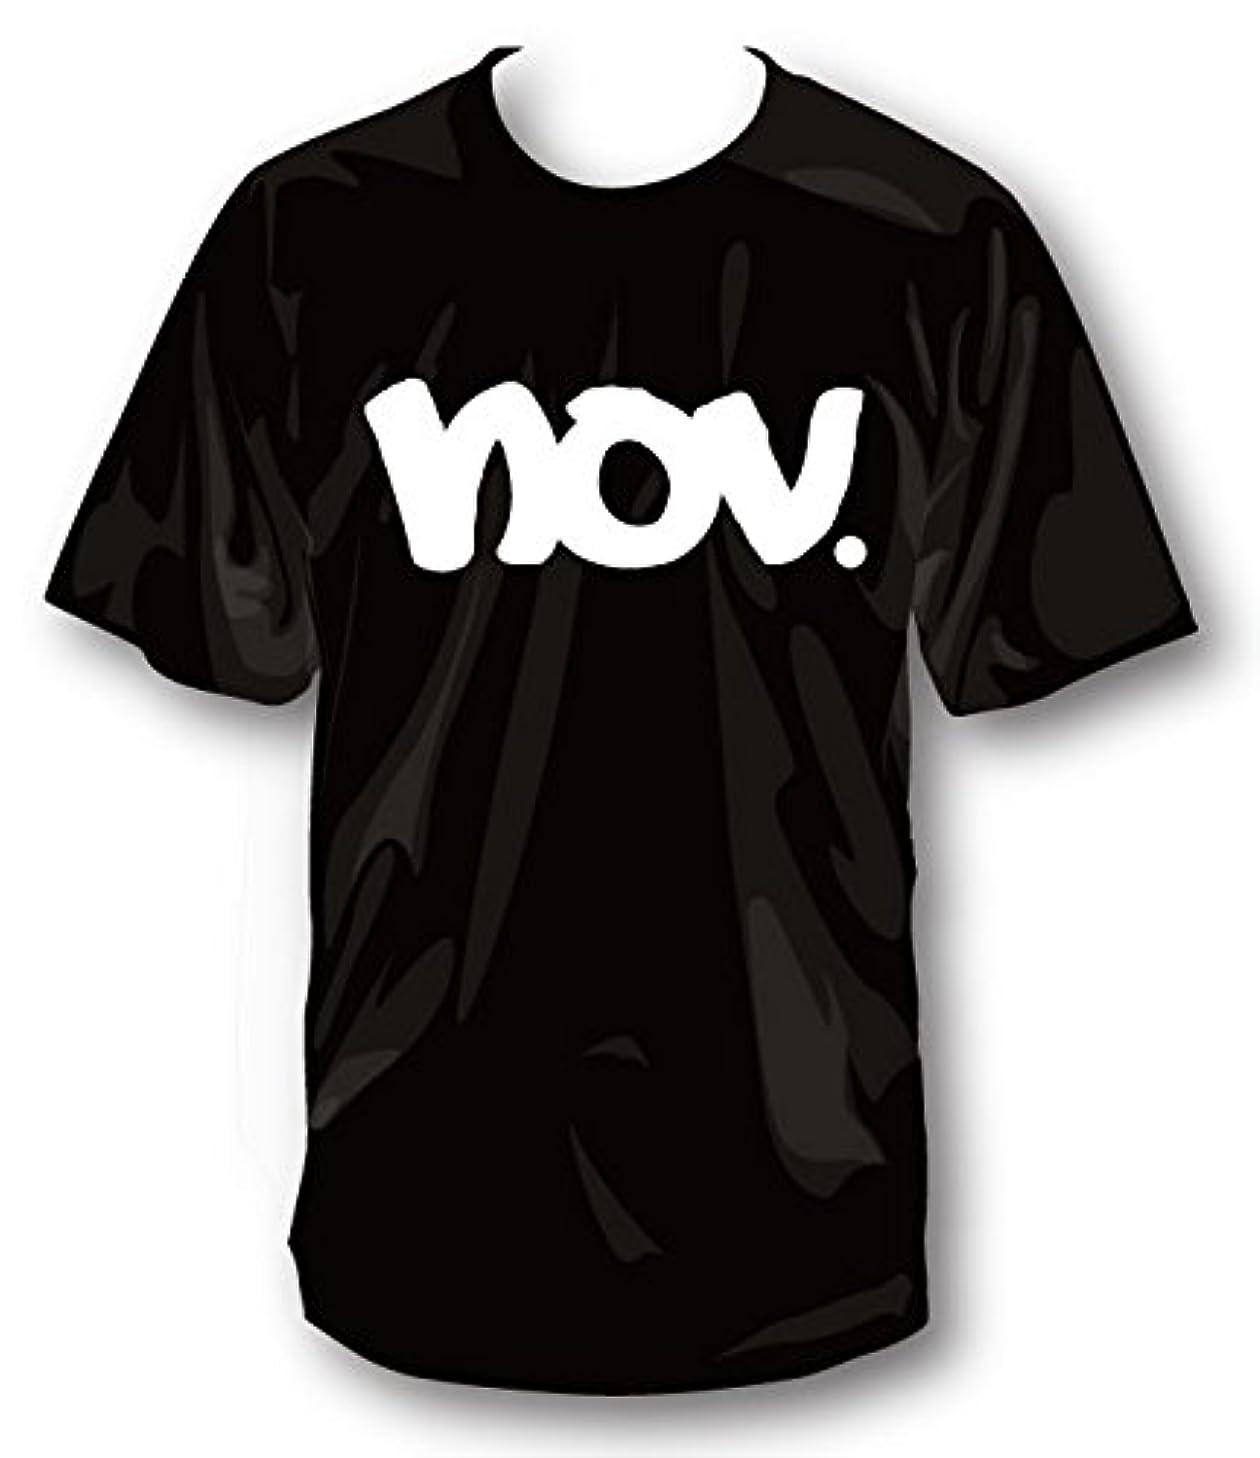 便利さハウジング貸し手2019 NOVEMBER ノベンバー スノーボード T-LOGO [1] [2] コットンTシャツ 半袖 Tシャツ ユニセックス